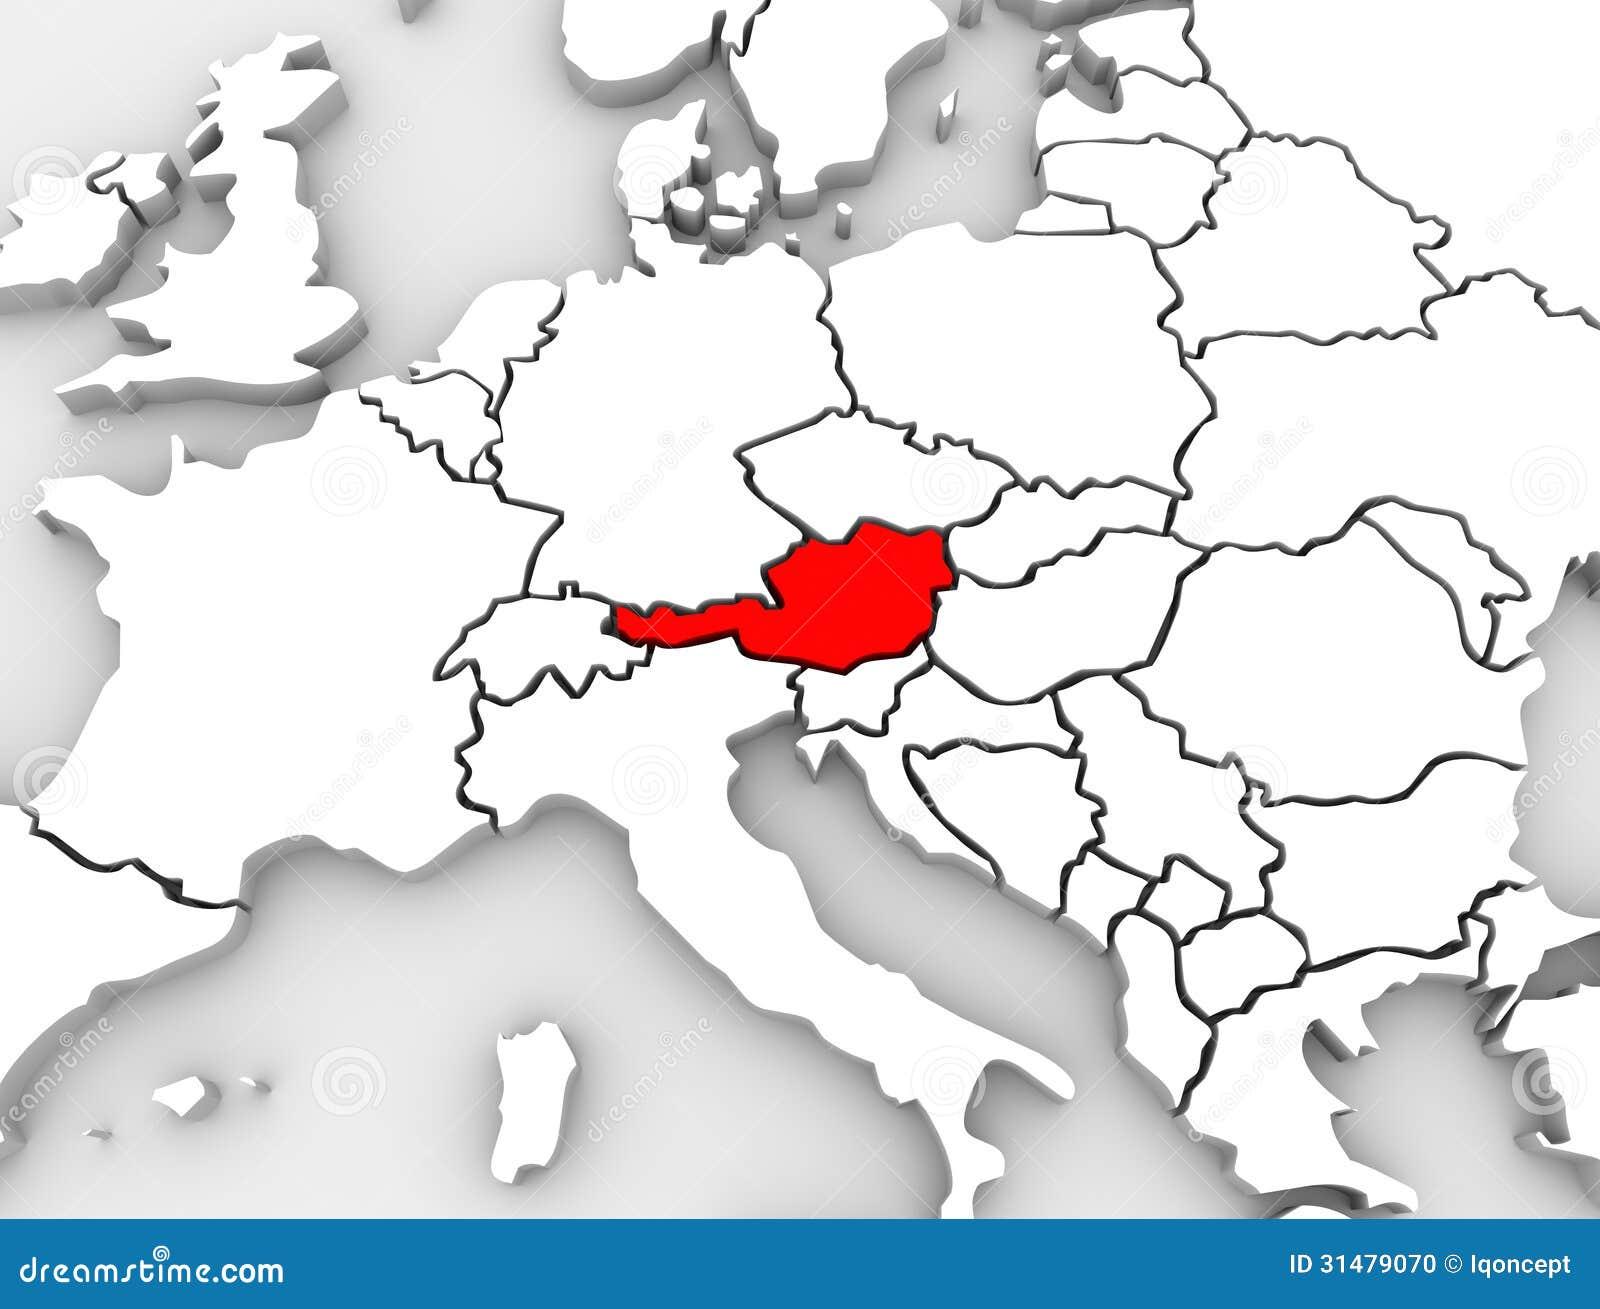 3d Karte Osterreich.Karten Europa Kontinent Der Osterreich Land Zusammenfassungs